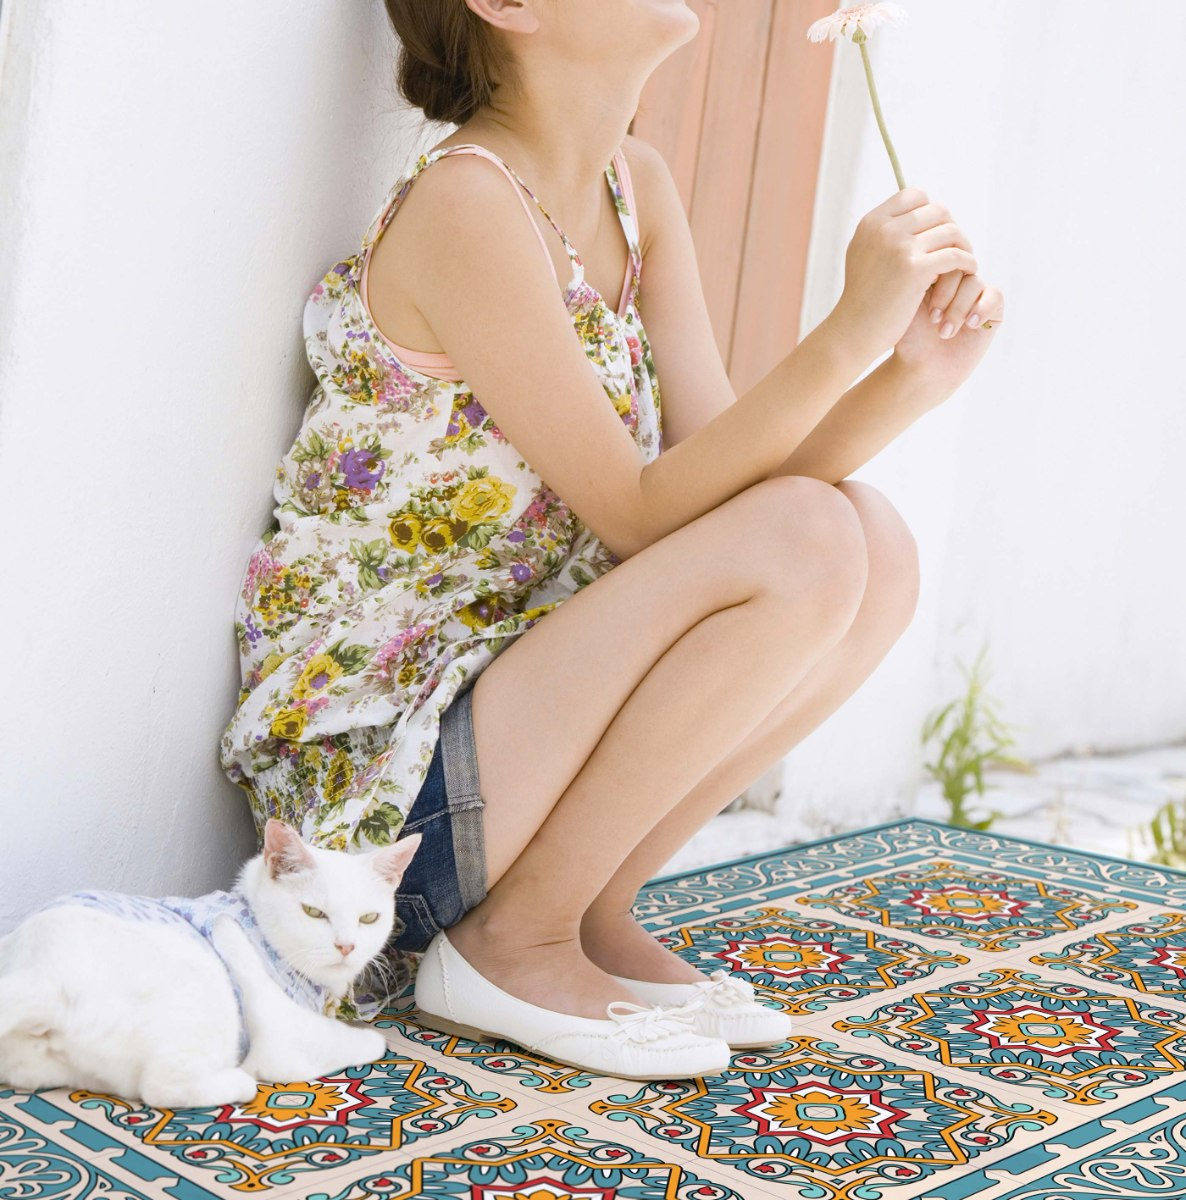 שטיח פי.וי.סי ברצלונה טורקיז TIVA DESIGN קיים בגדלים שונים